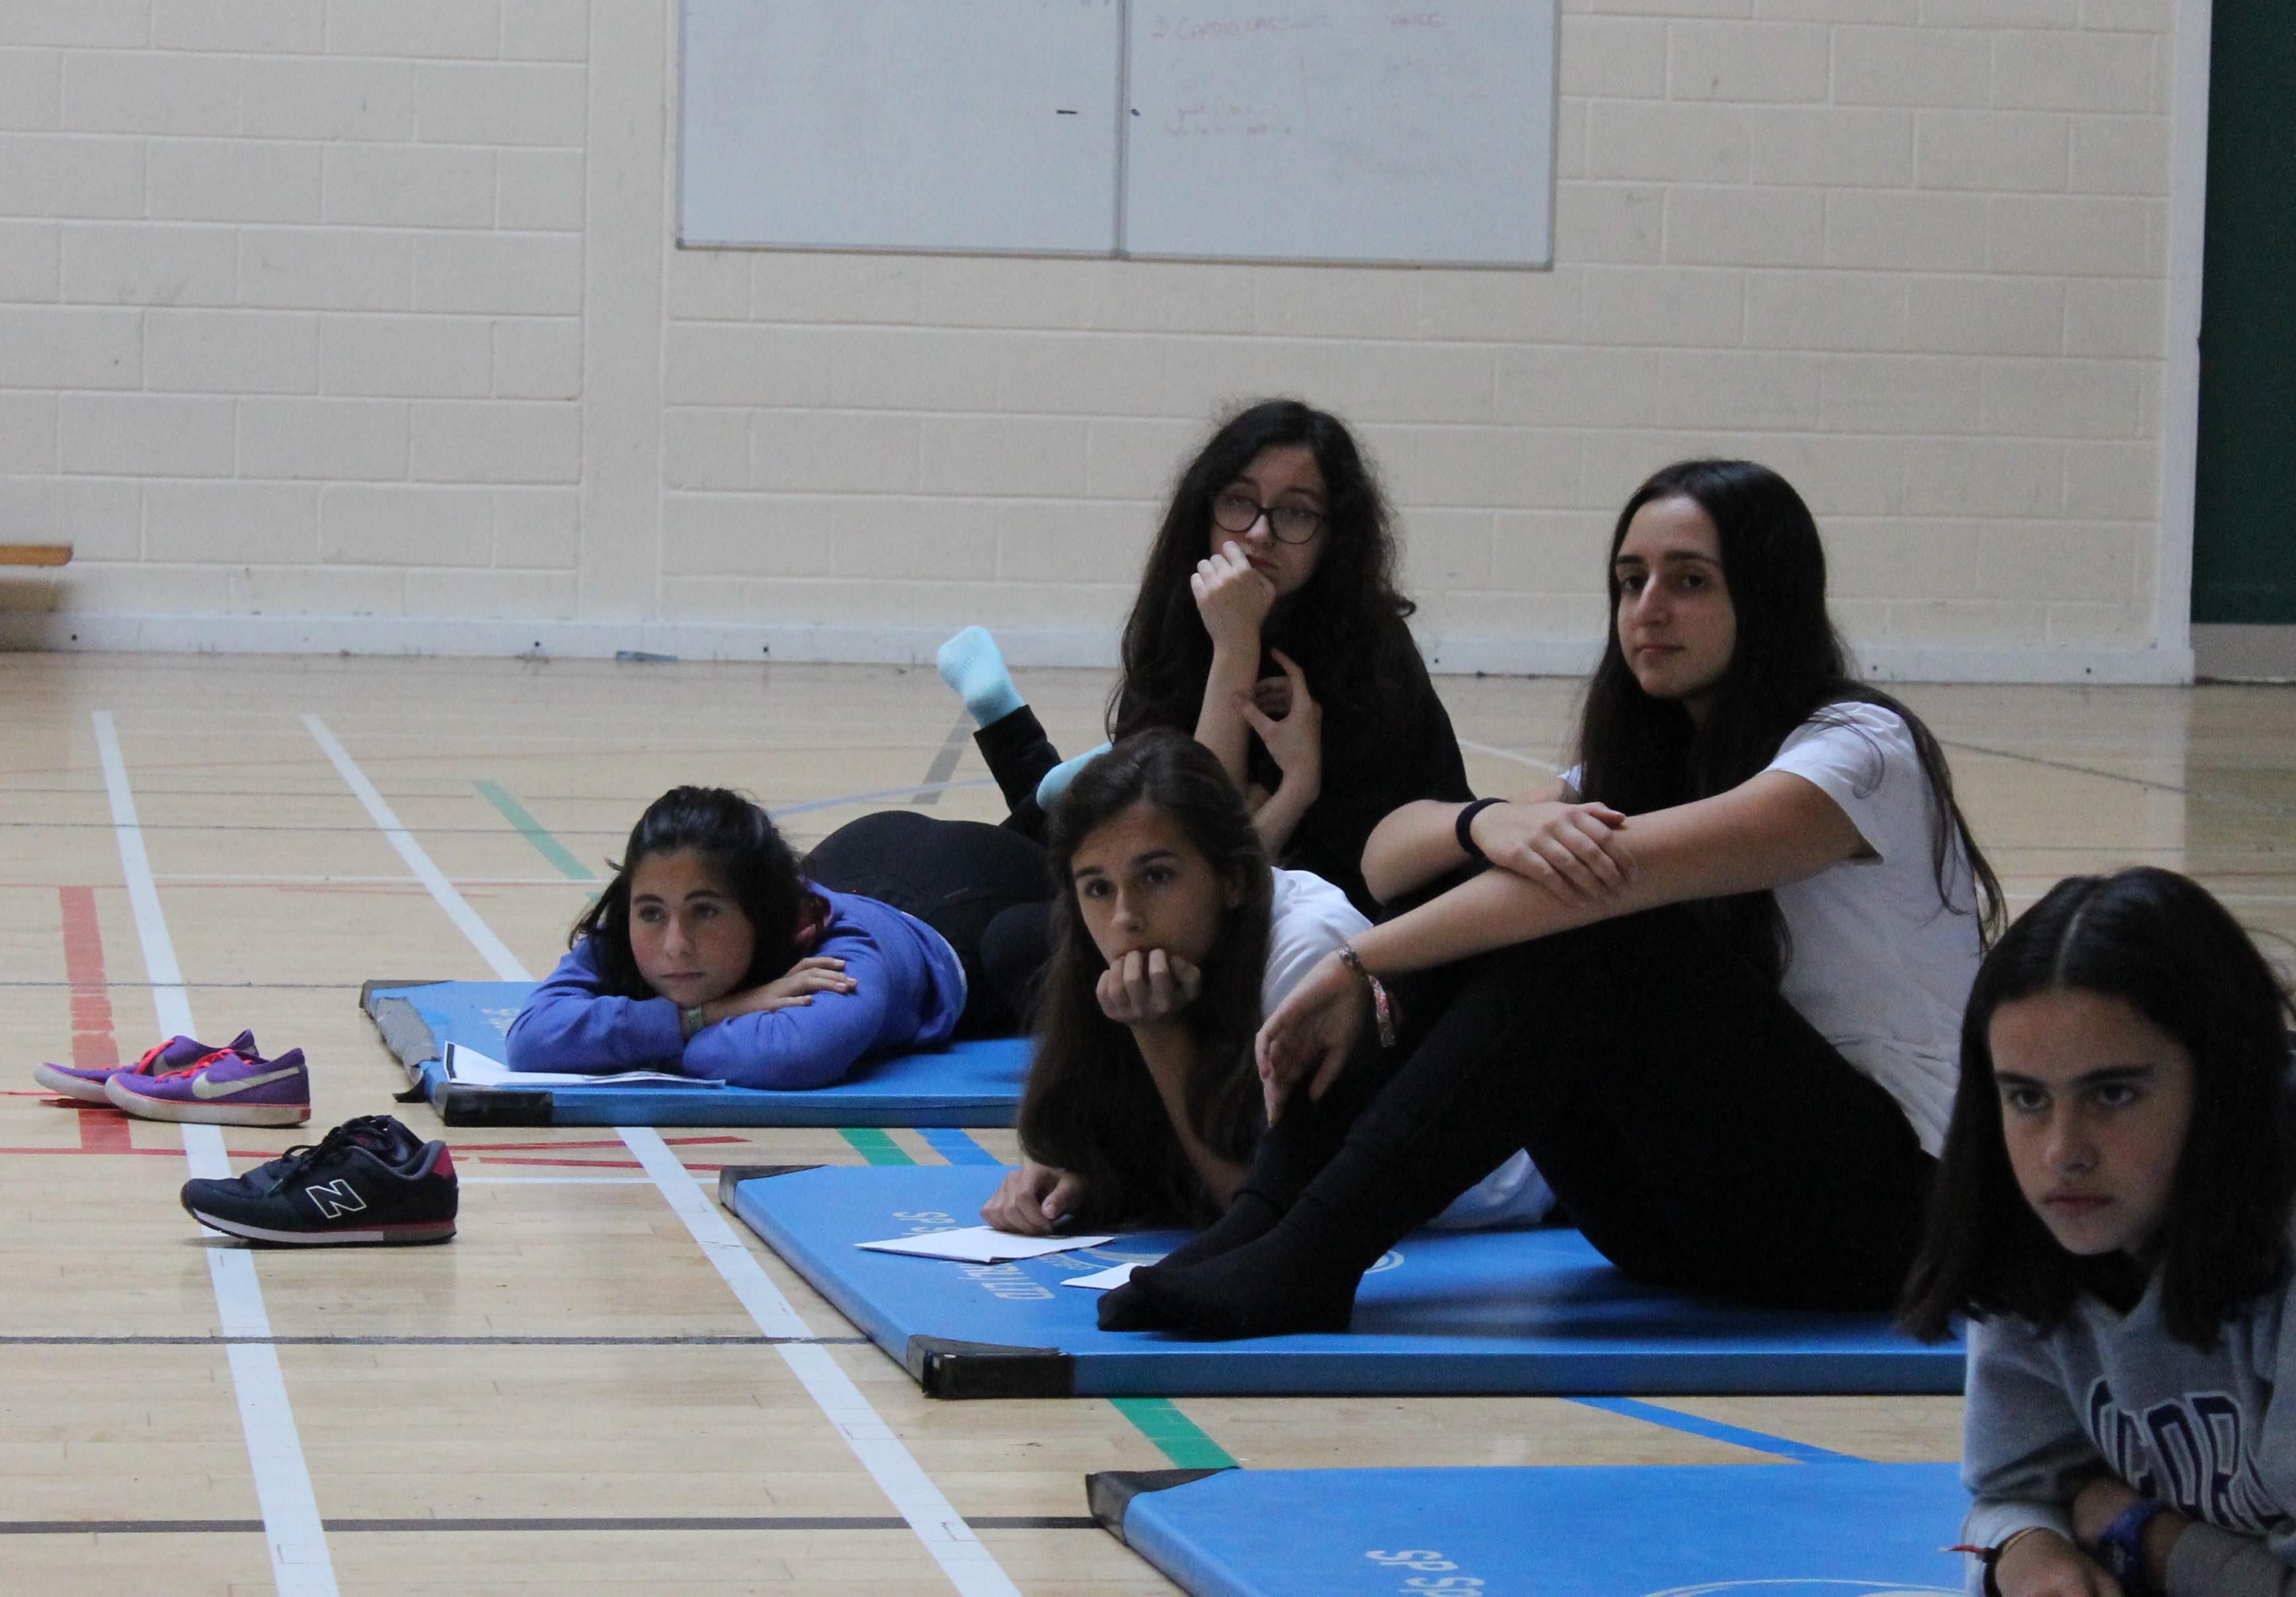 Después de hacer Pilates, las chicas están muy atentas a la charla sobre Mental Health y Nutrition